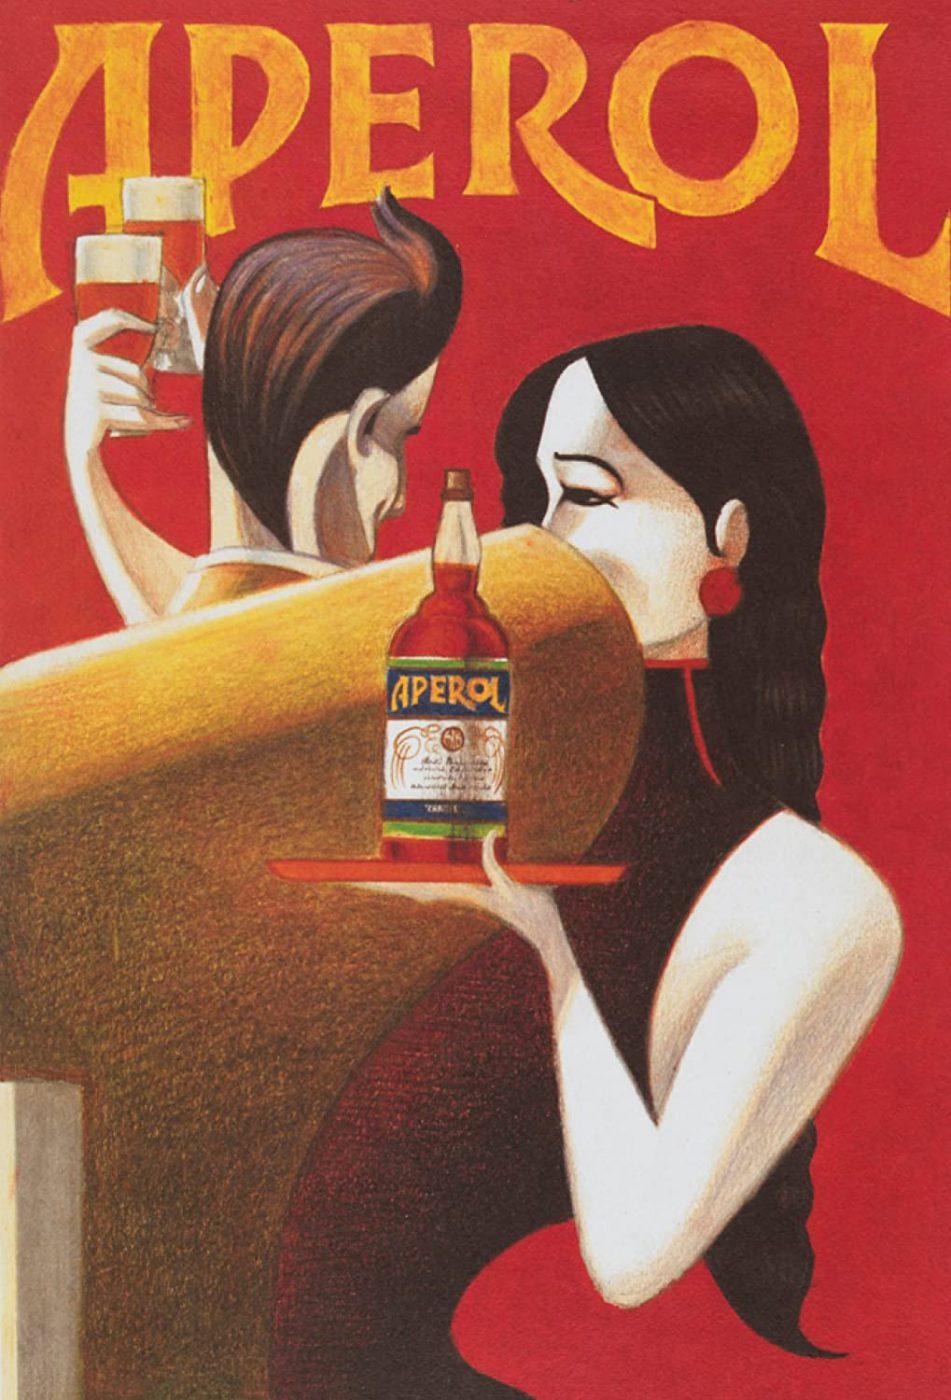 History of Aperol Spritz